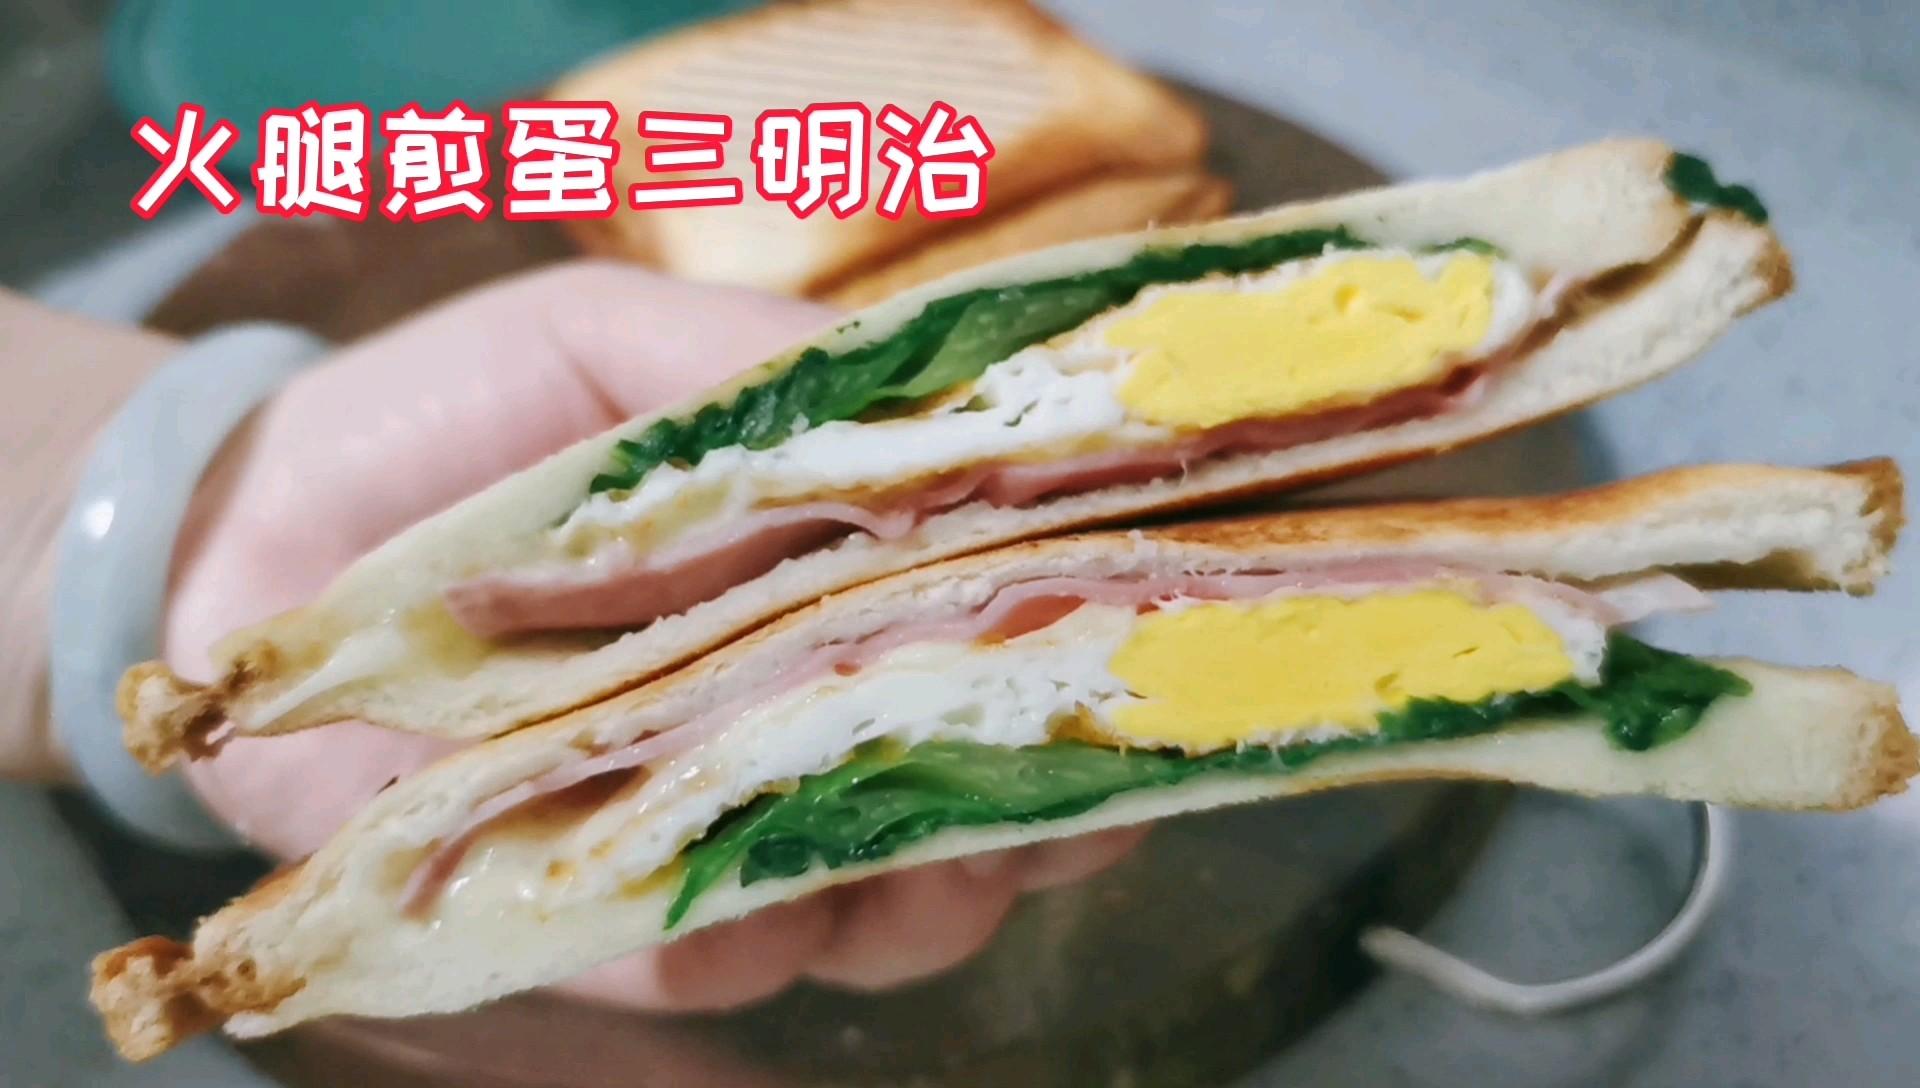 有仪式感的生活从早餐开始,简单美味的三明治开启元气满满的一天